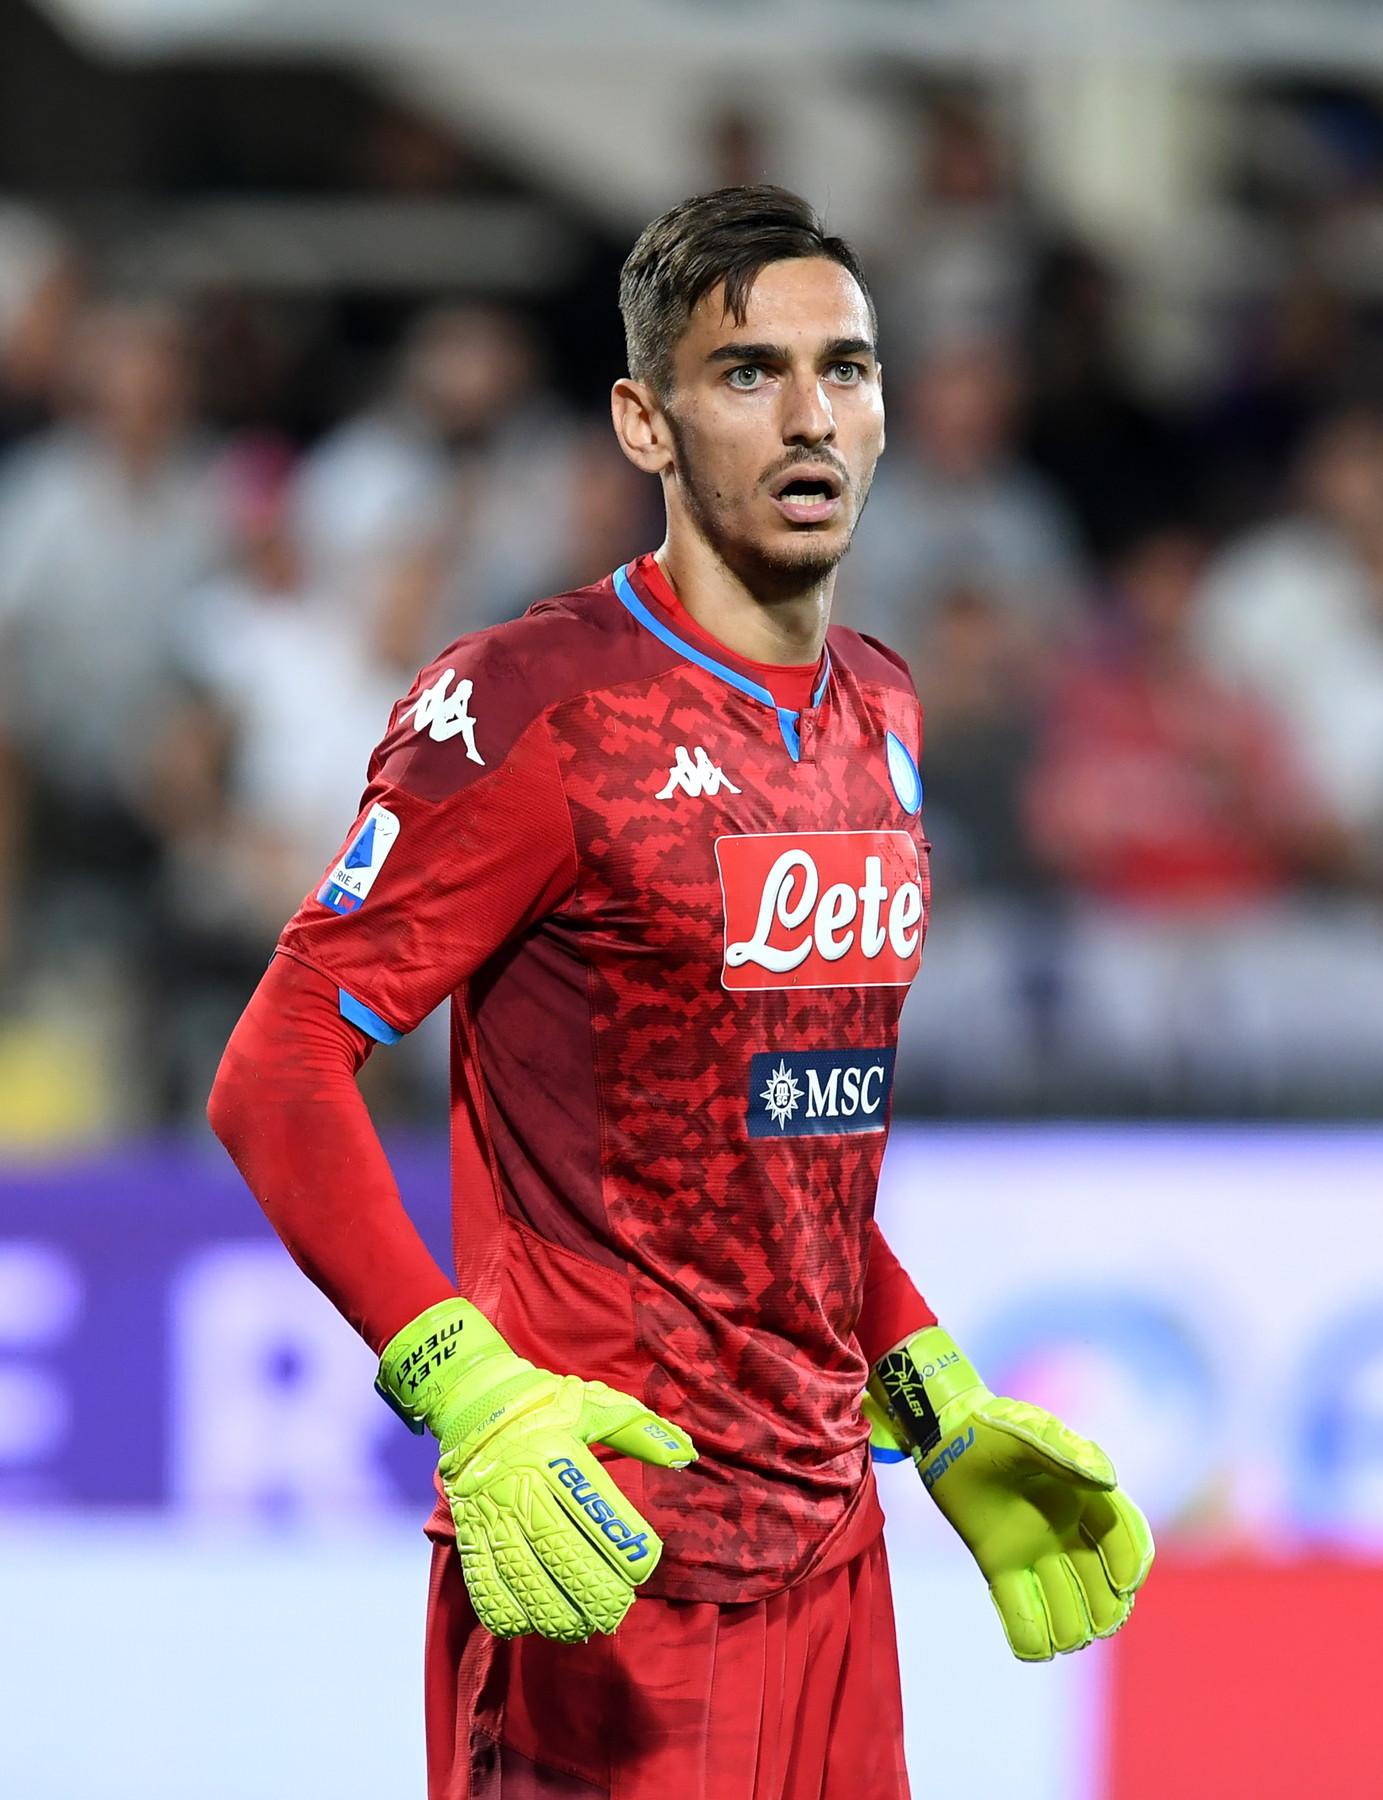 Mezzo errore con la Fiorentina, benino con la Juve. In realtà non ci sono portieri flop, ma Meret ha incassato 7 gol. E gioca in una big